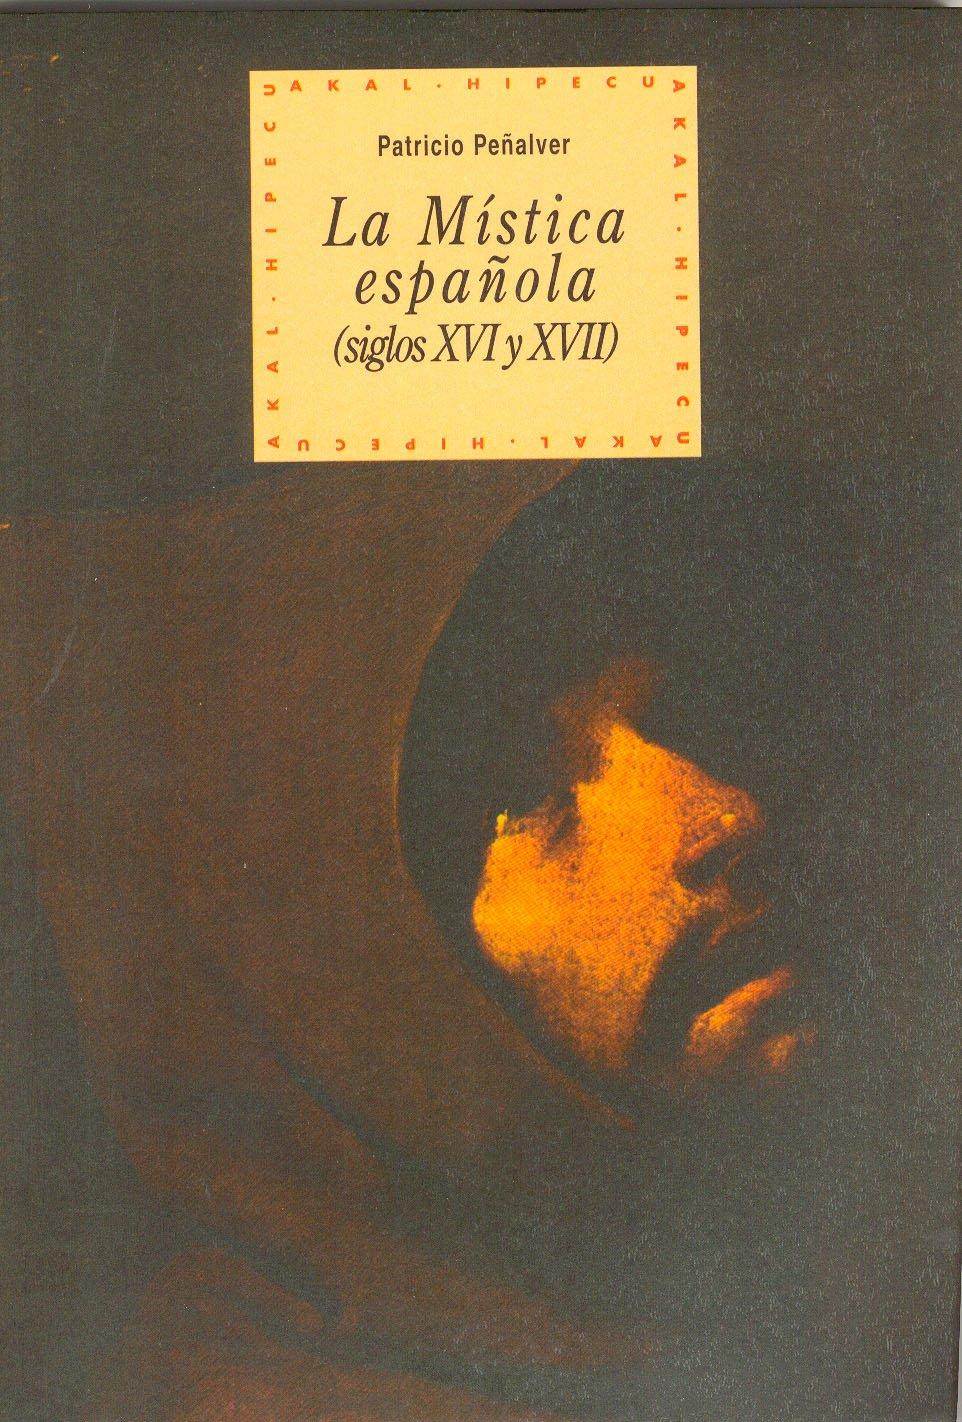 La mística española siglos XVI-XVII : 26 Historia del pensamiento y la cultura: Amazon.es: Peñalver, Patricio: Libros